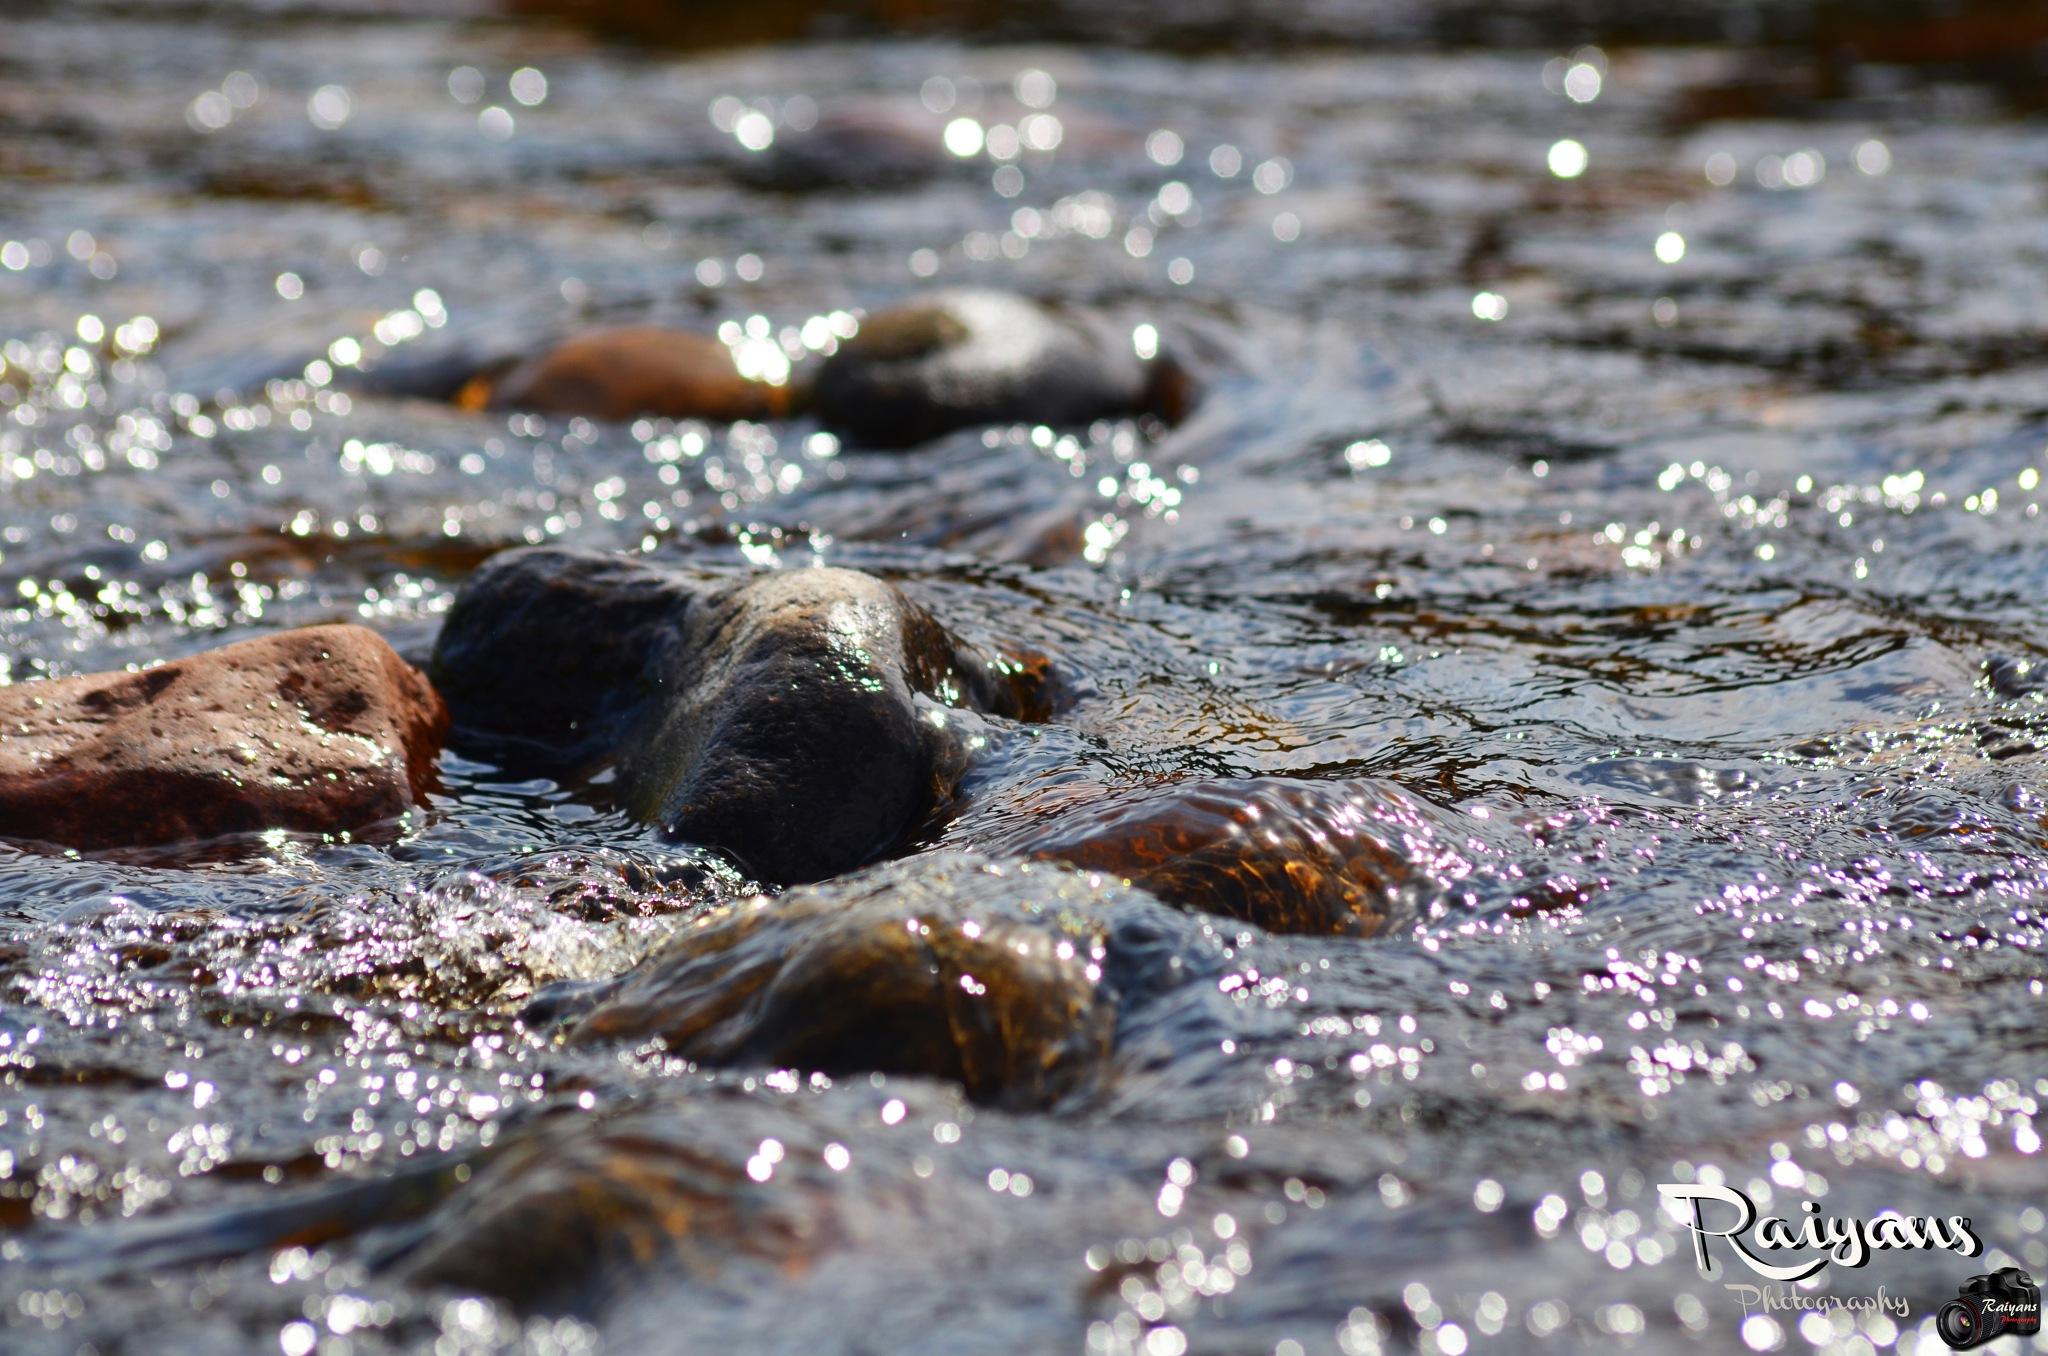 River Stones by Raïyan Fahïm